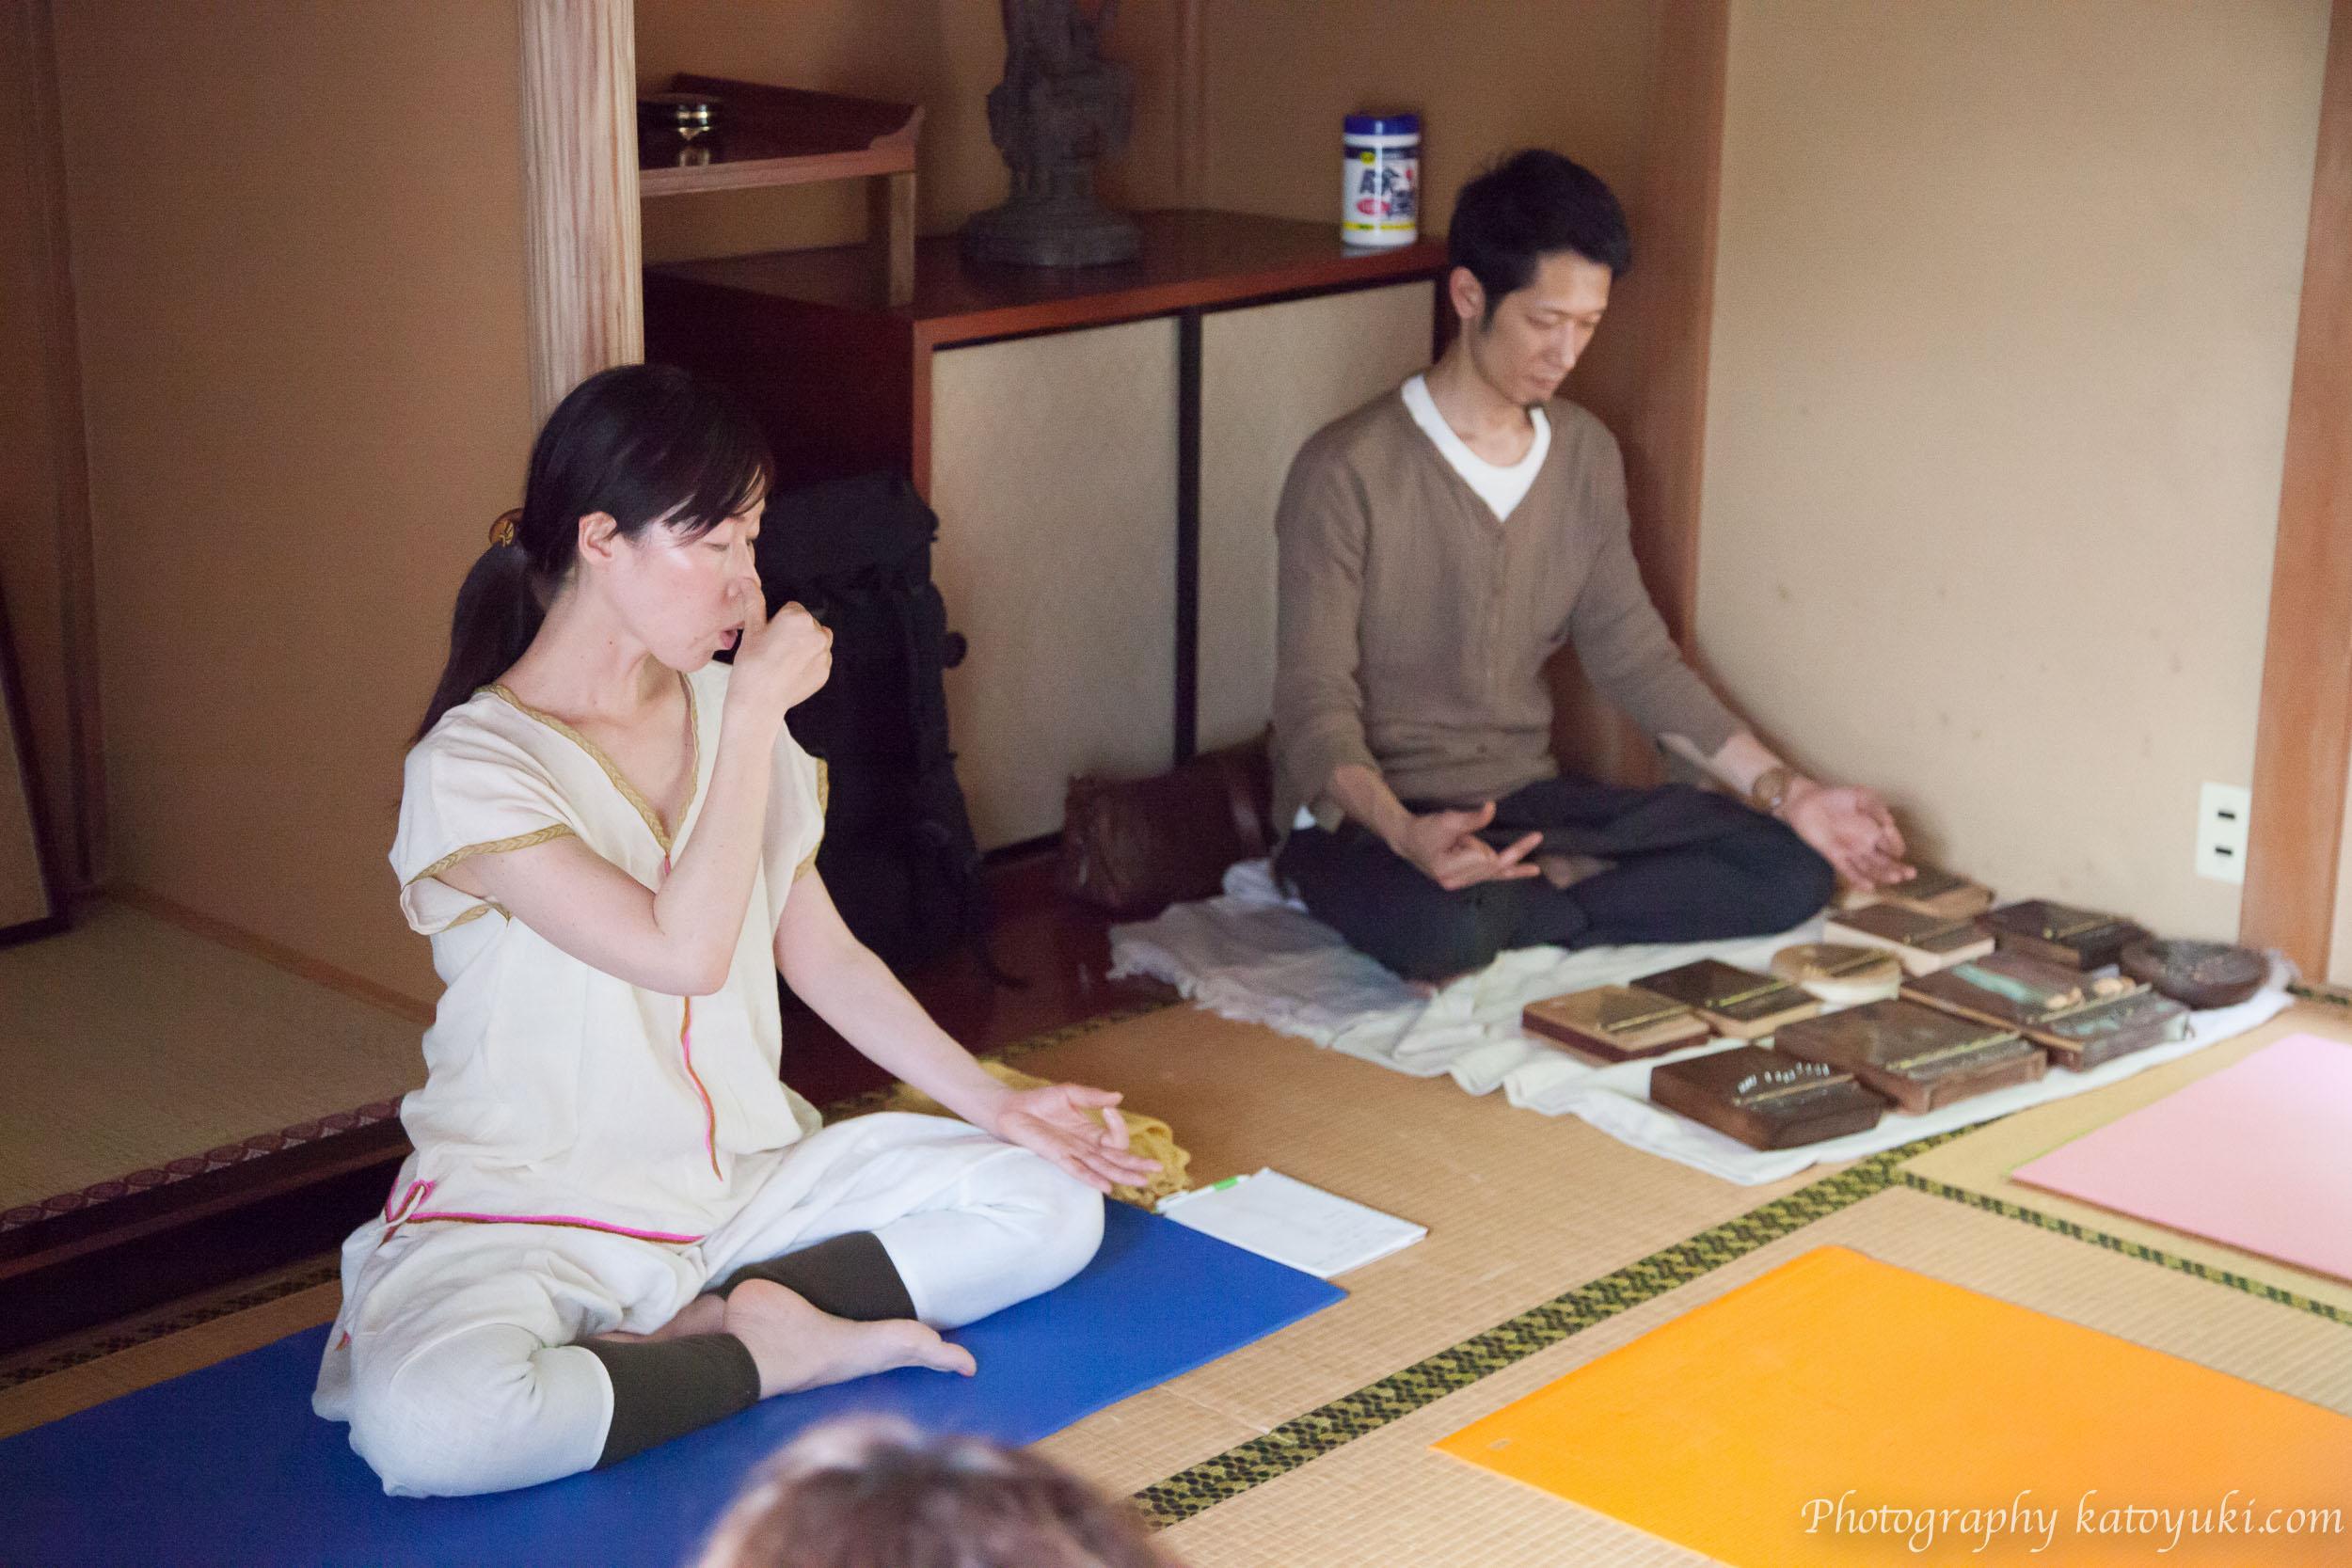 八王子ヨガ祭り「呼吸法〜音の瞑想」Saori & Sage(カリンバ演奏)